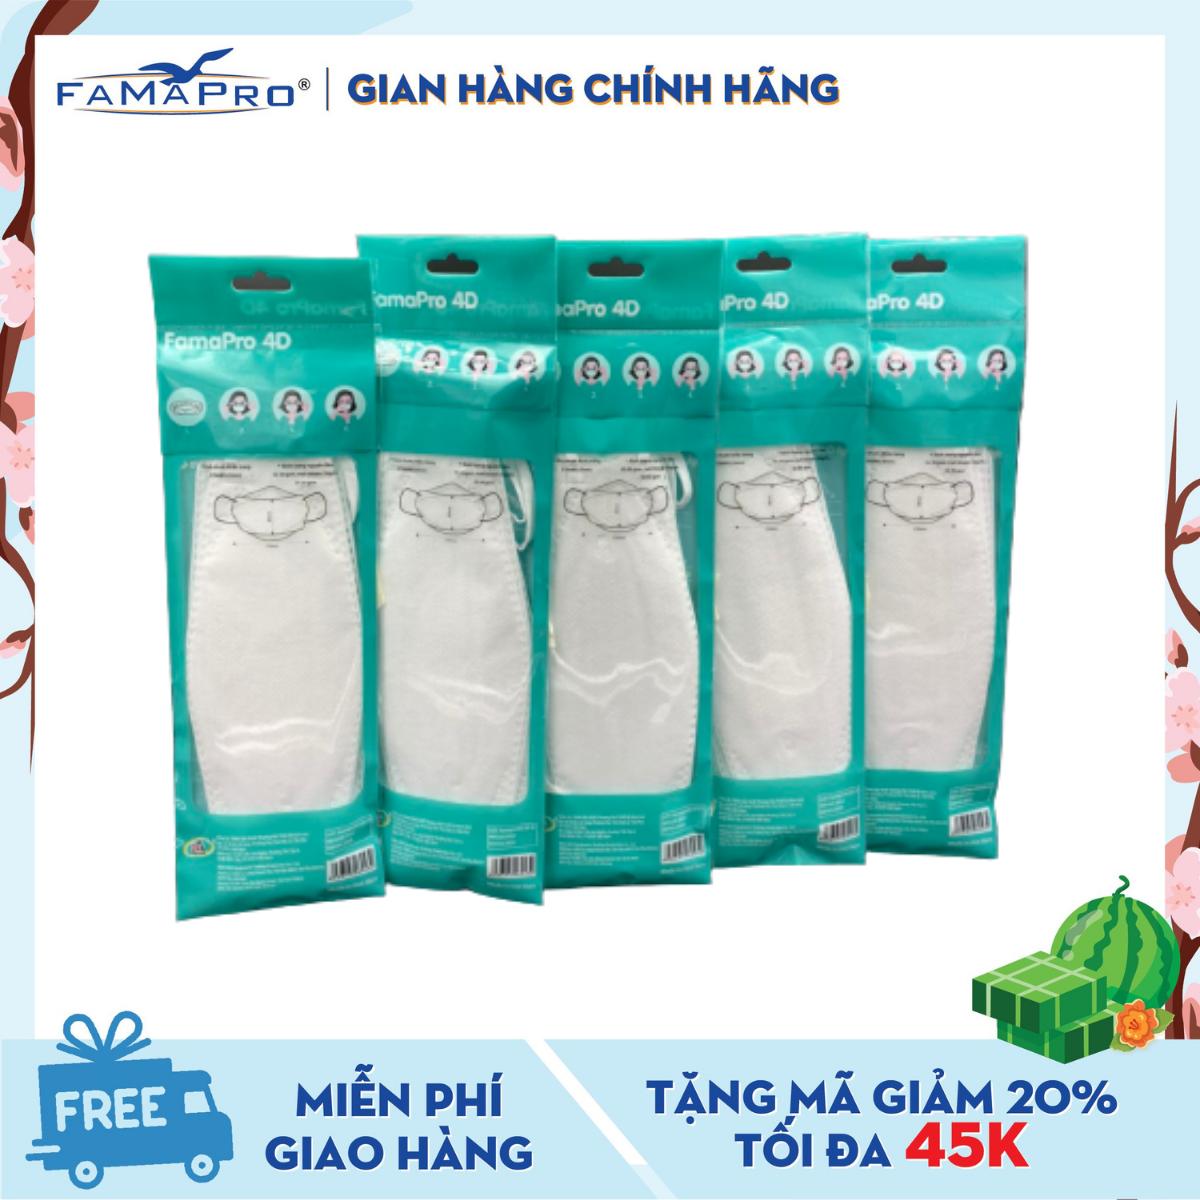 Combo 5 túi khẩu trang y tế cao cấp kháng khuẩn 3 lớp Famapro 4D DẠNG TÚI ( 5 cái /túi )